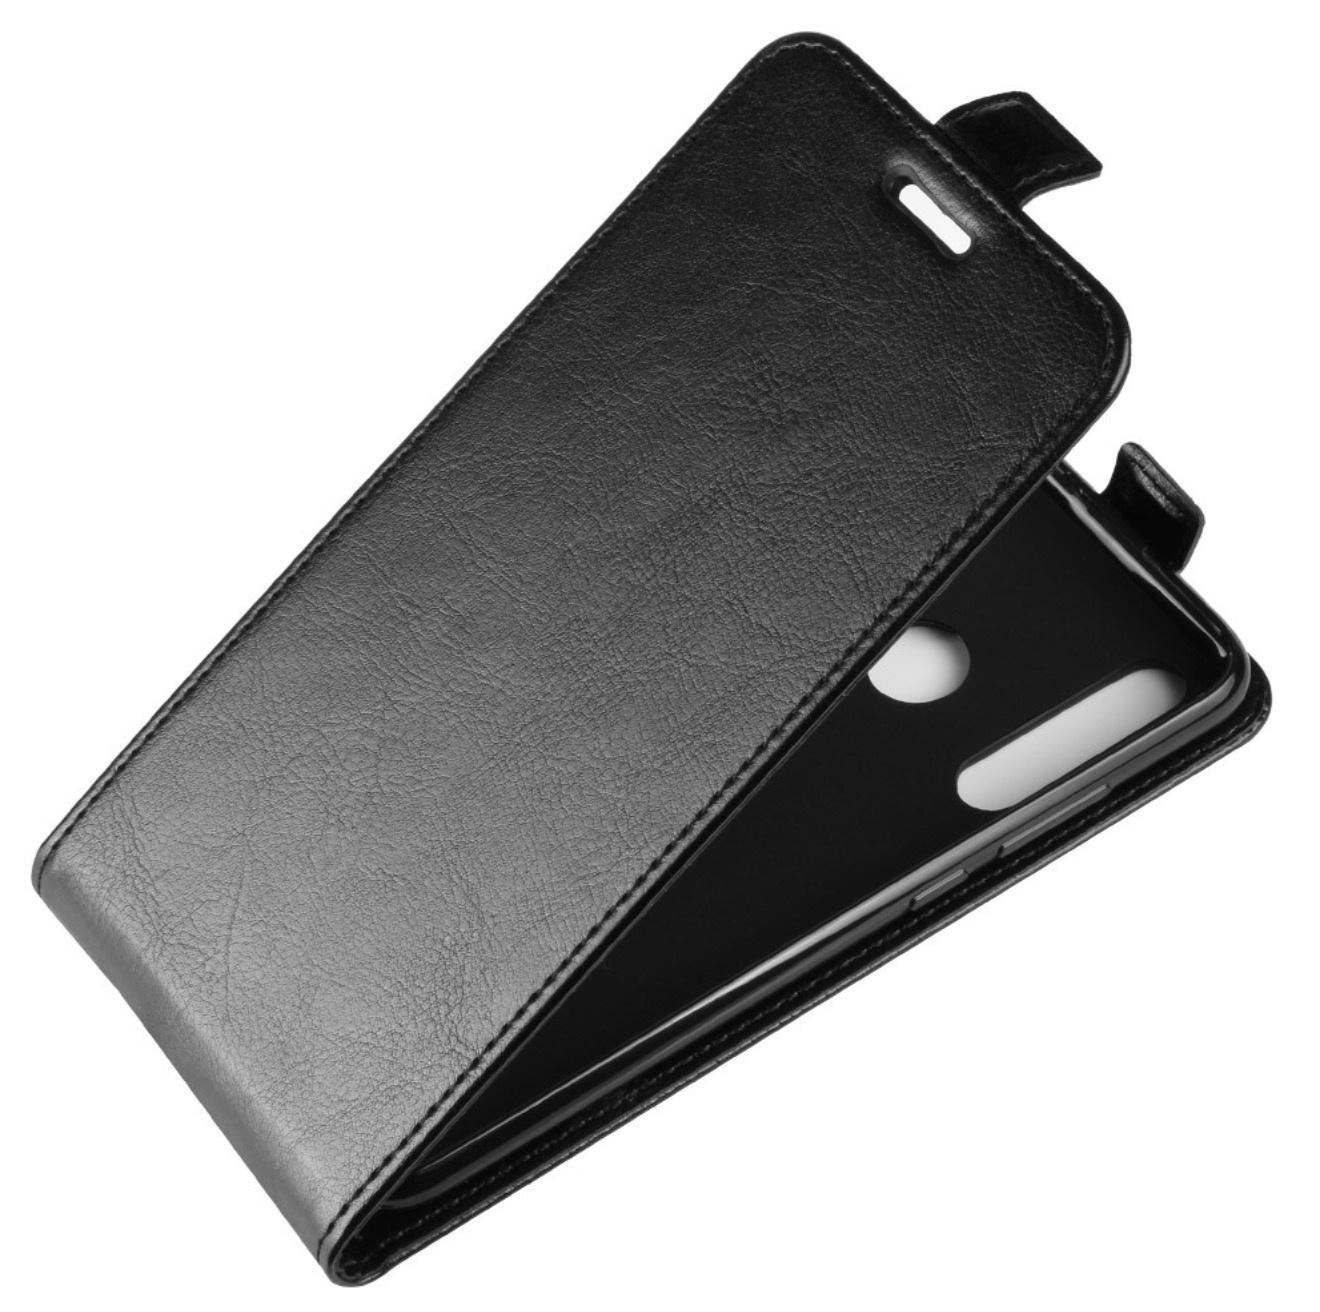 Чехол-флип MyPads для HTC Desire 628 Dual Sim вертикальный откидной черный